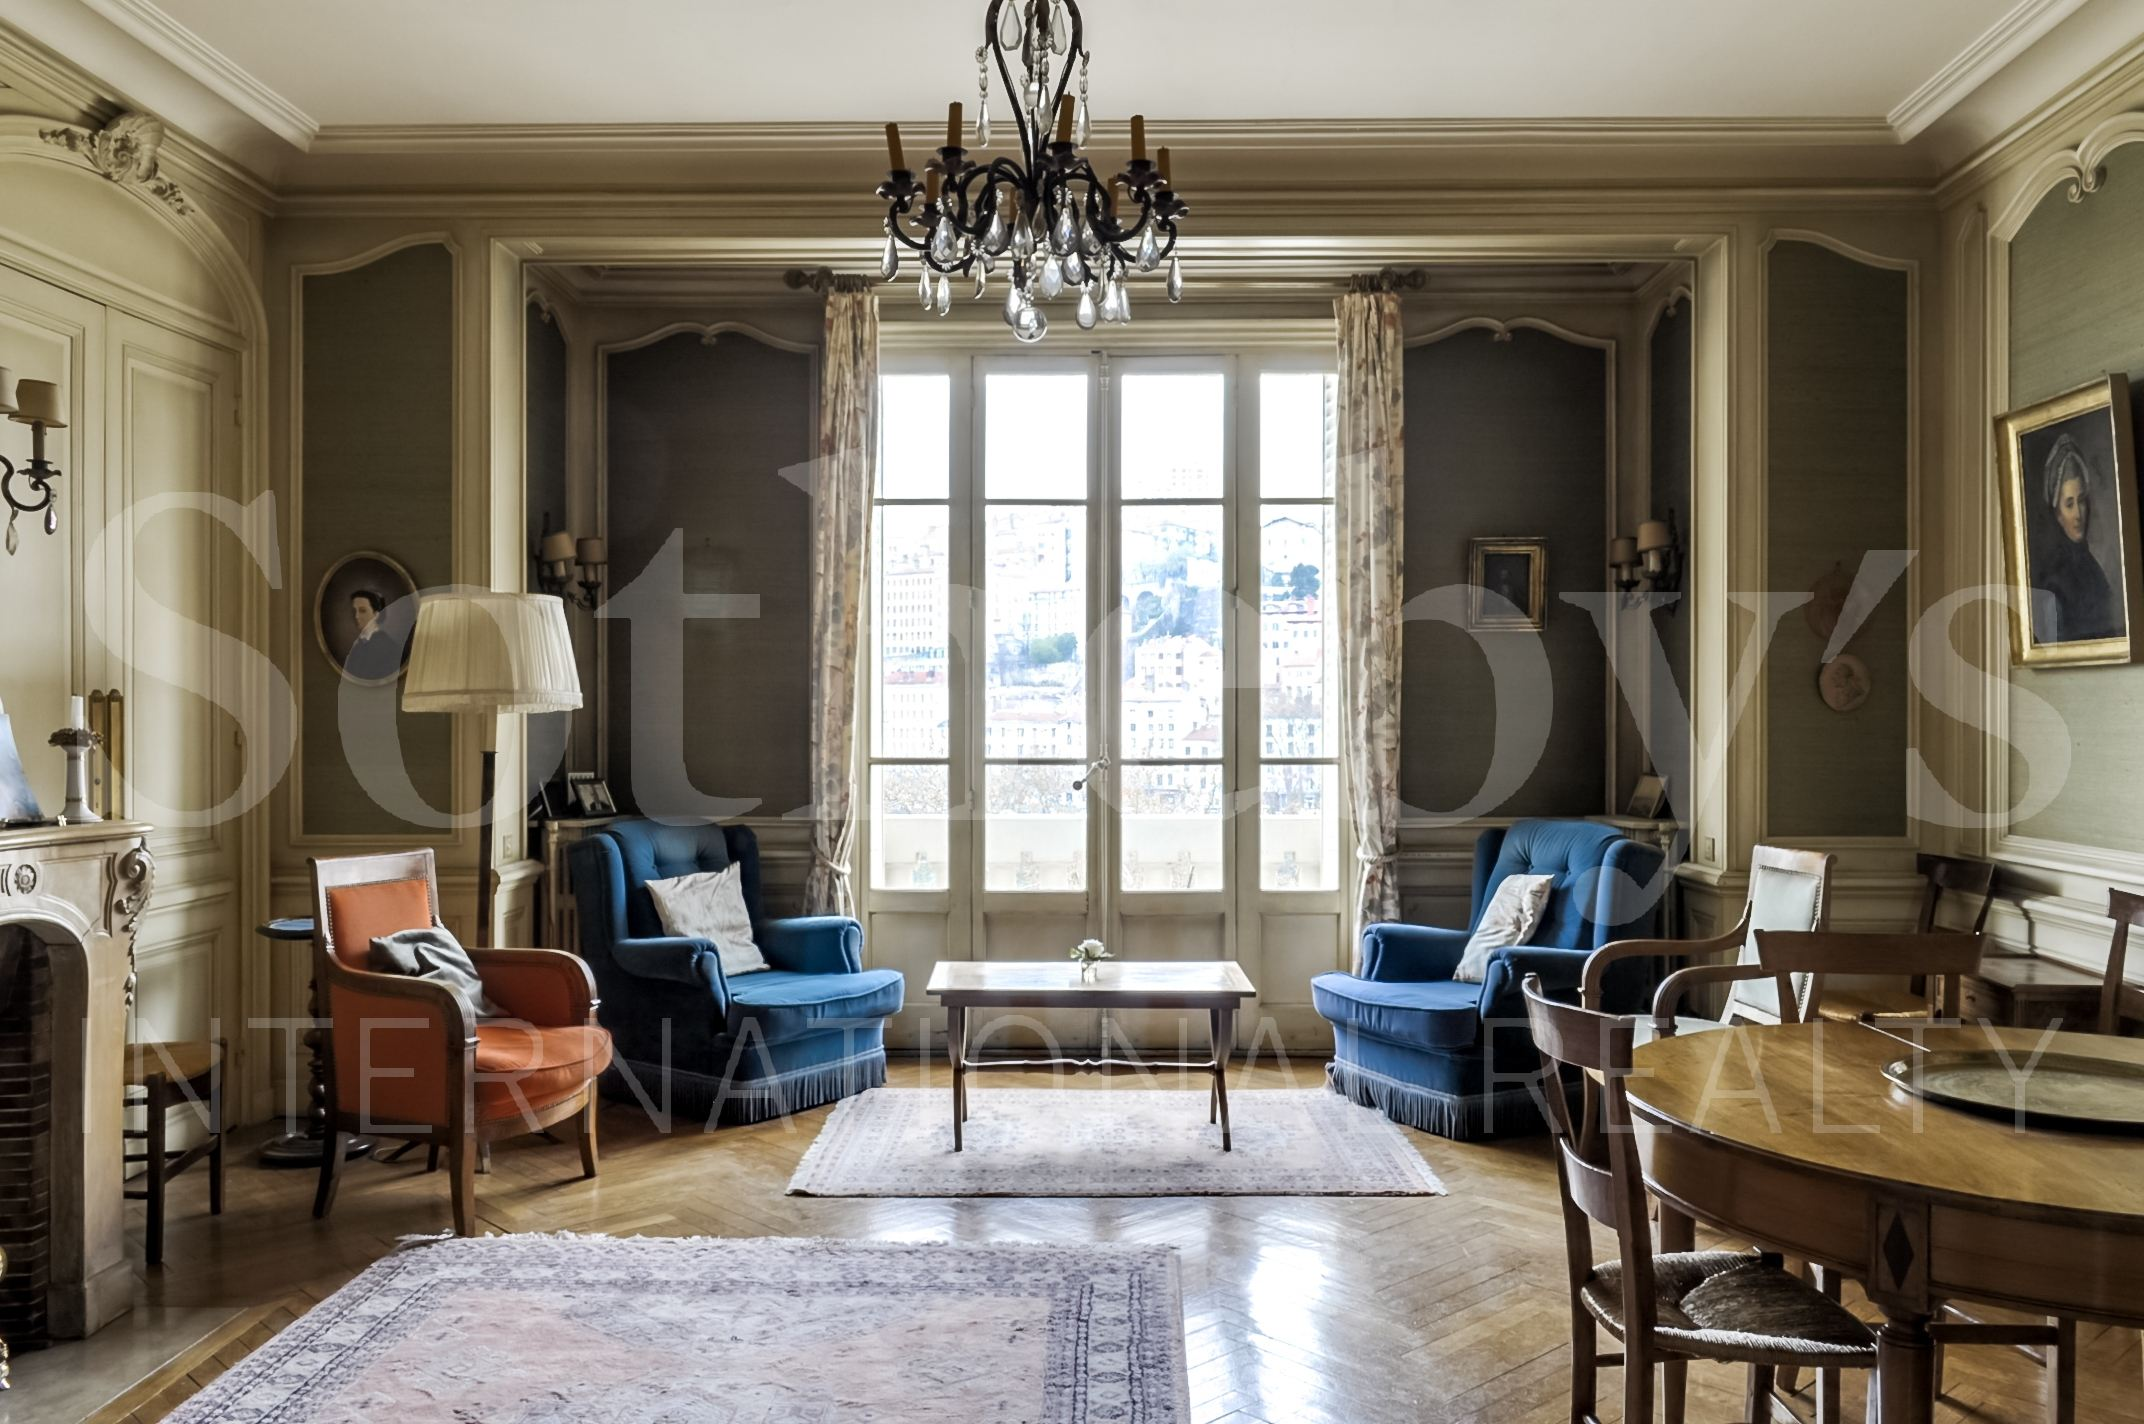 Квартира для того Продажа на LYON 6 ème- METRO FOCH Lyon, Рона-Альпы, 69006 Франция